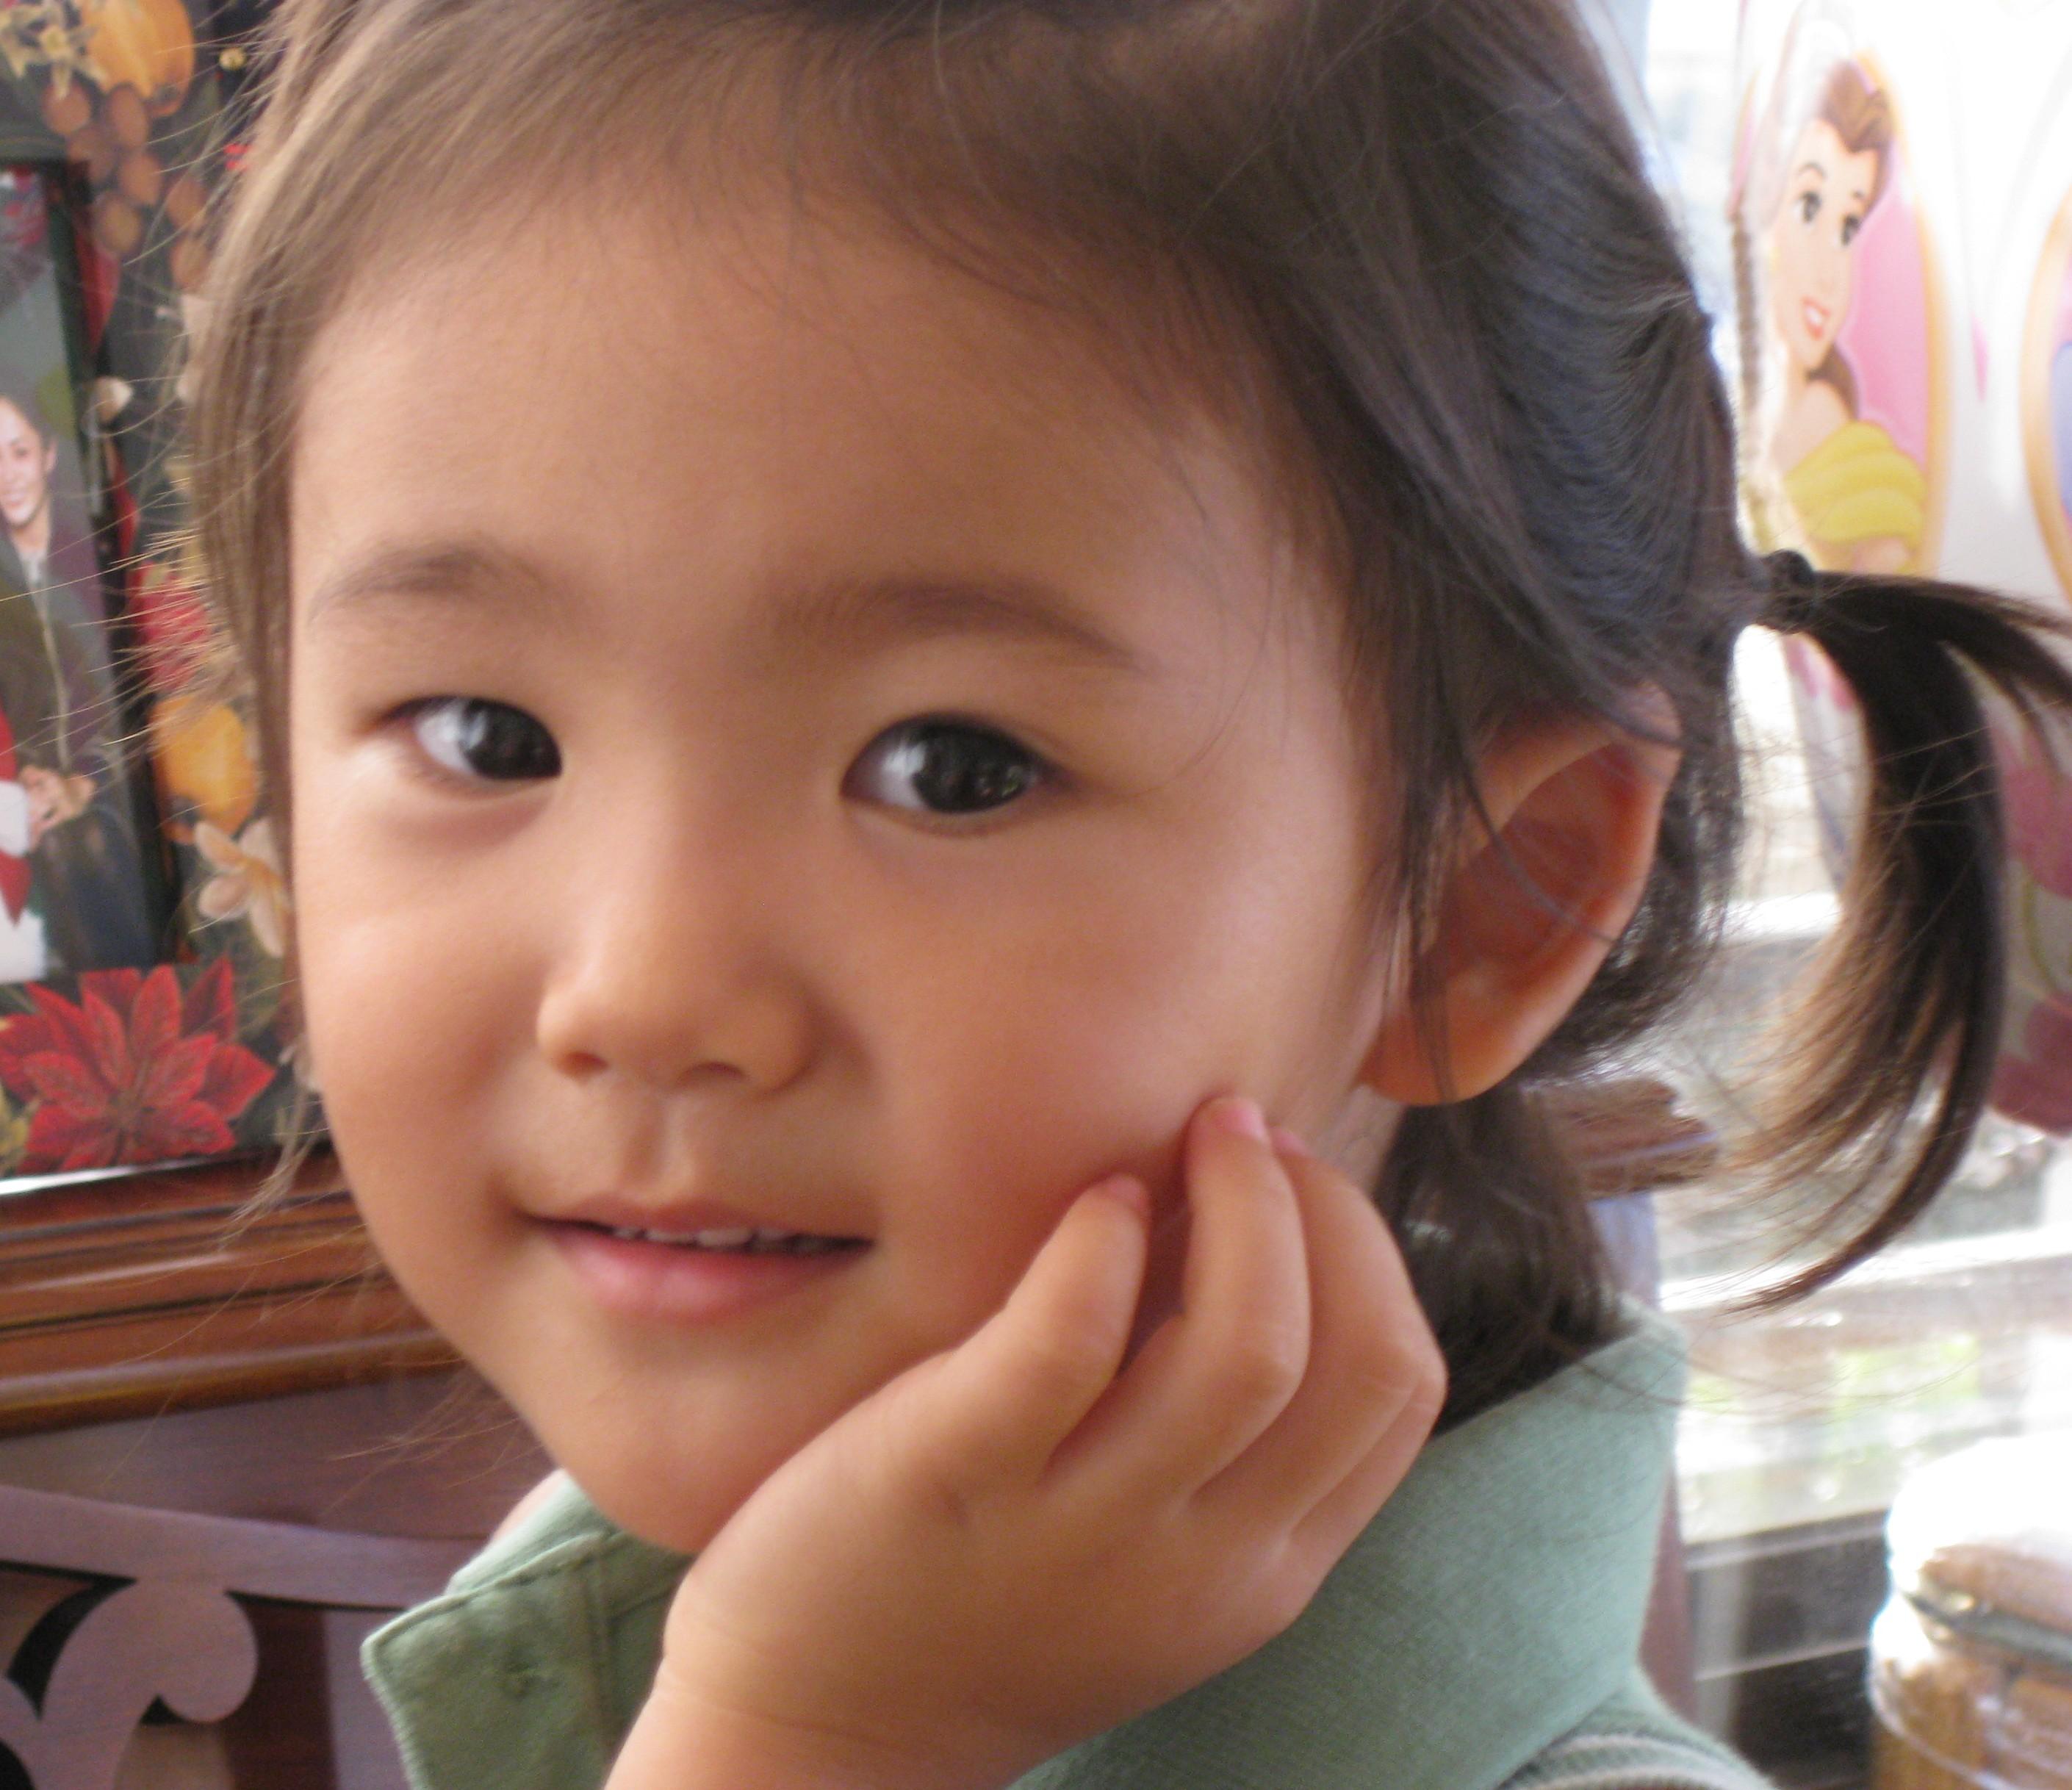 Jaymie Kim